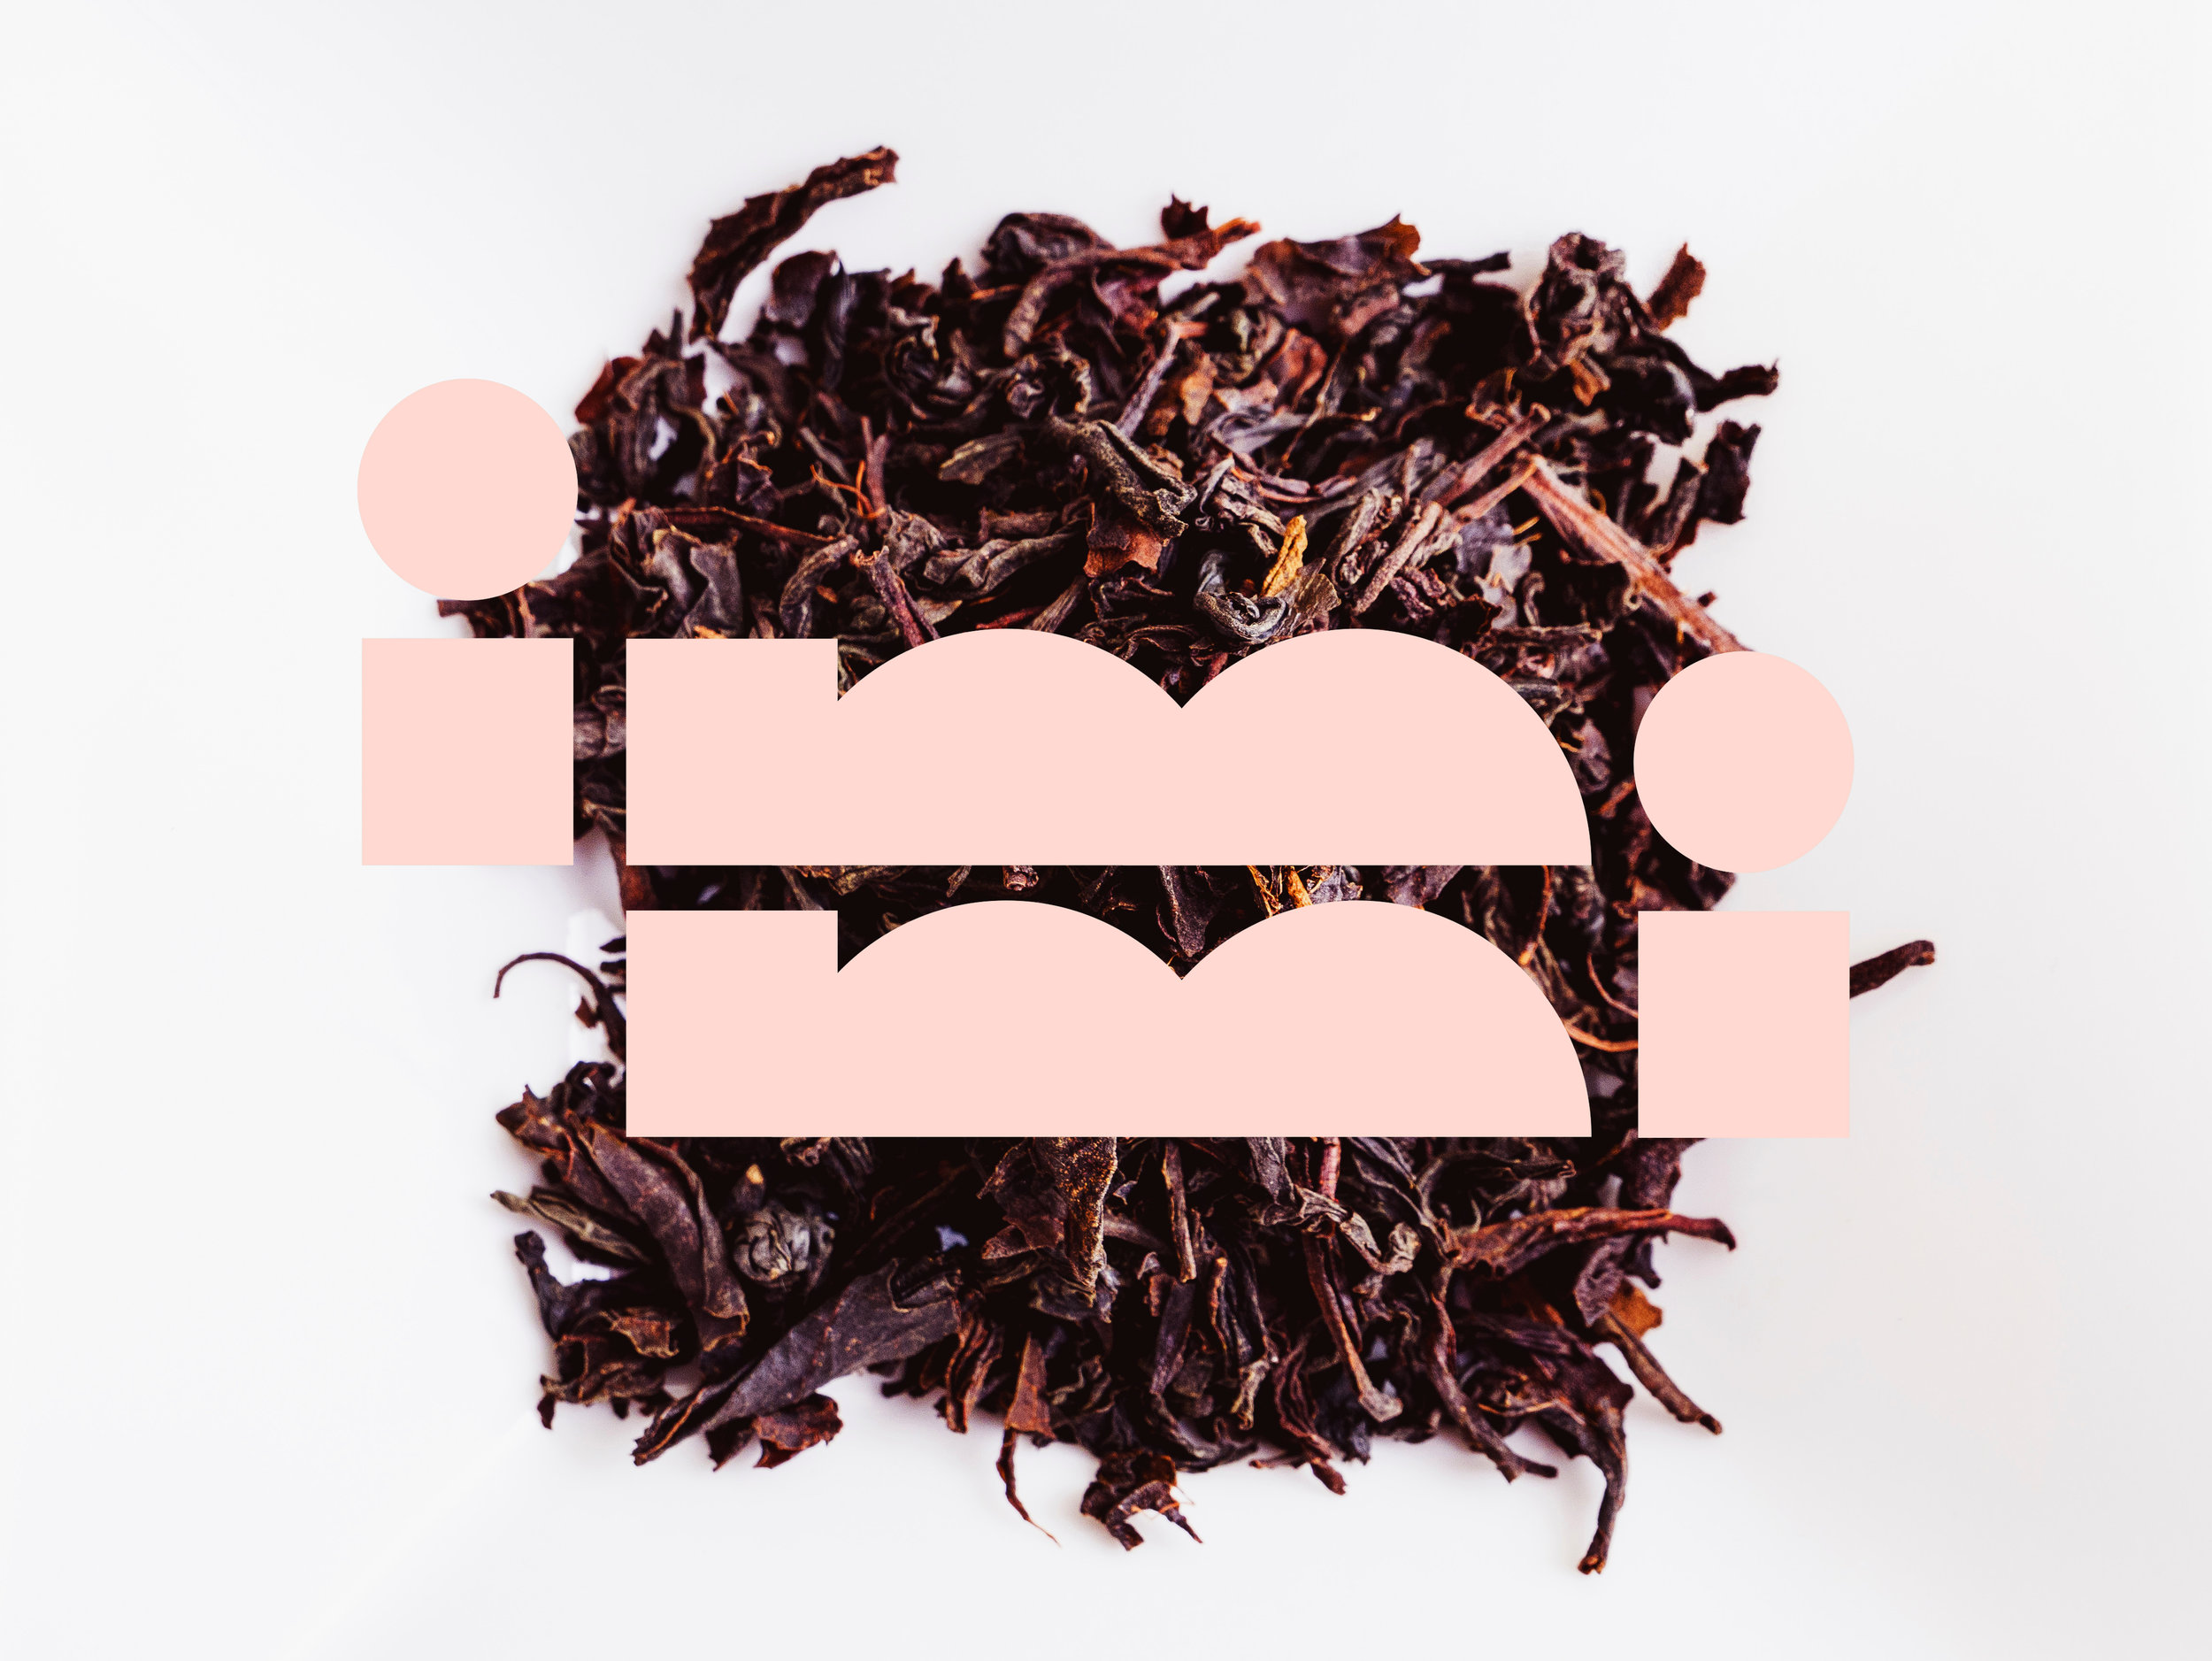 Immi Tea Branding + Packaging